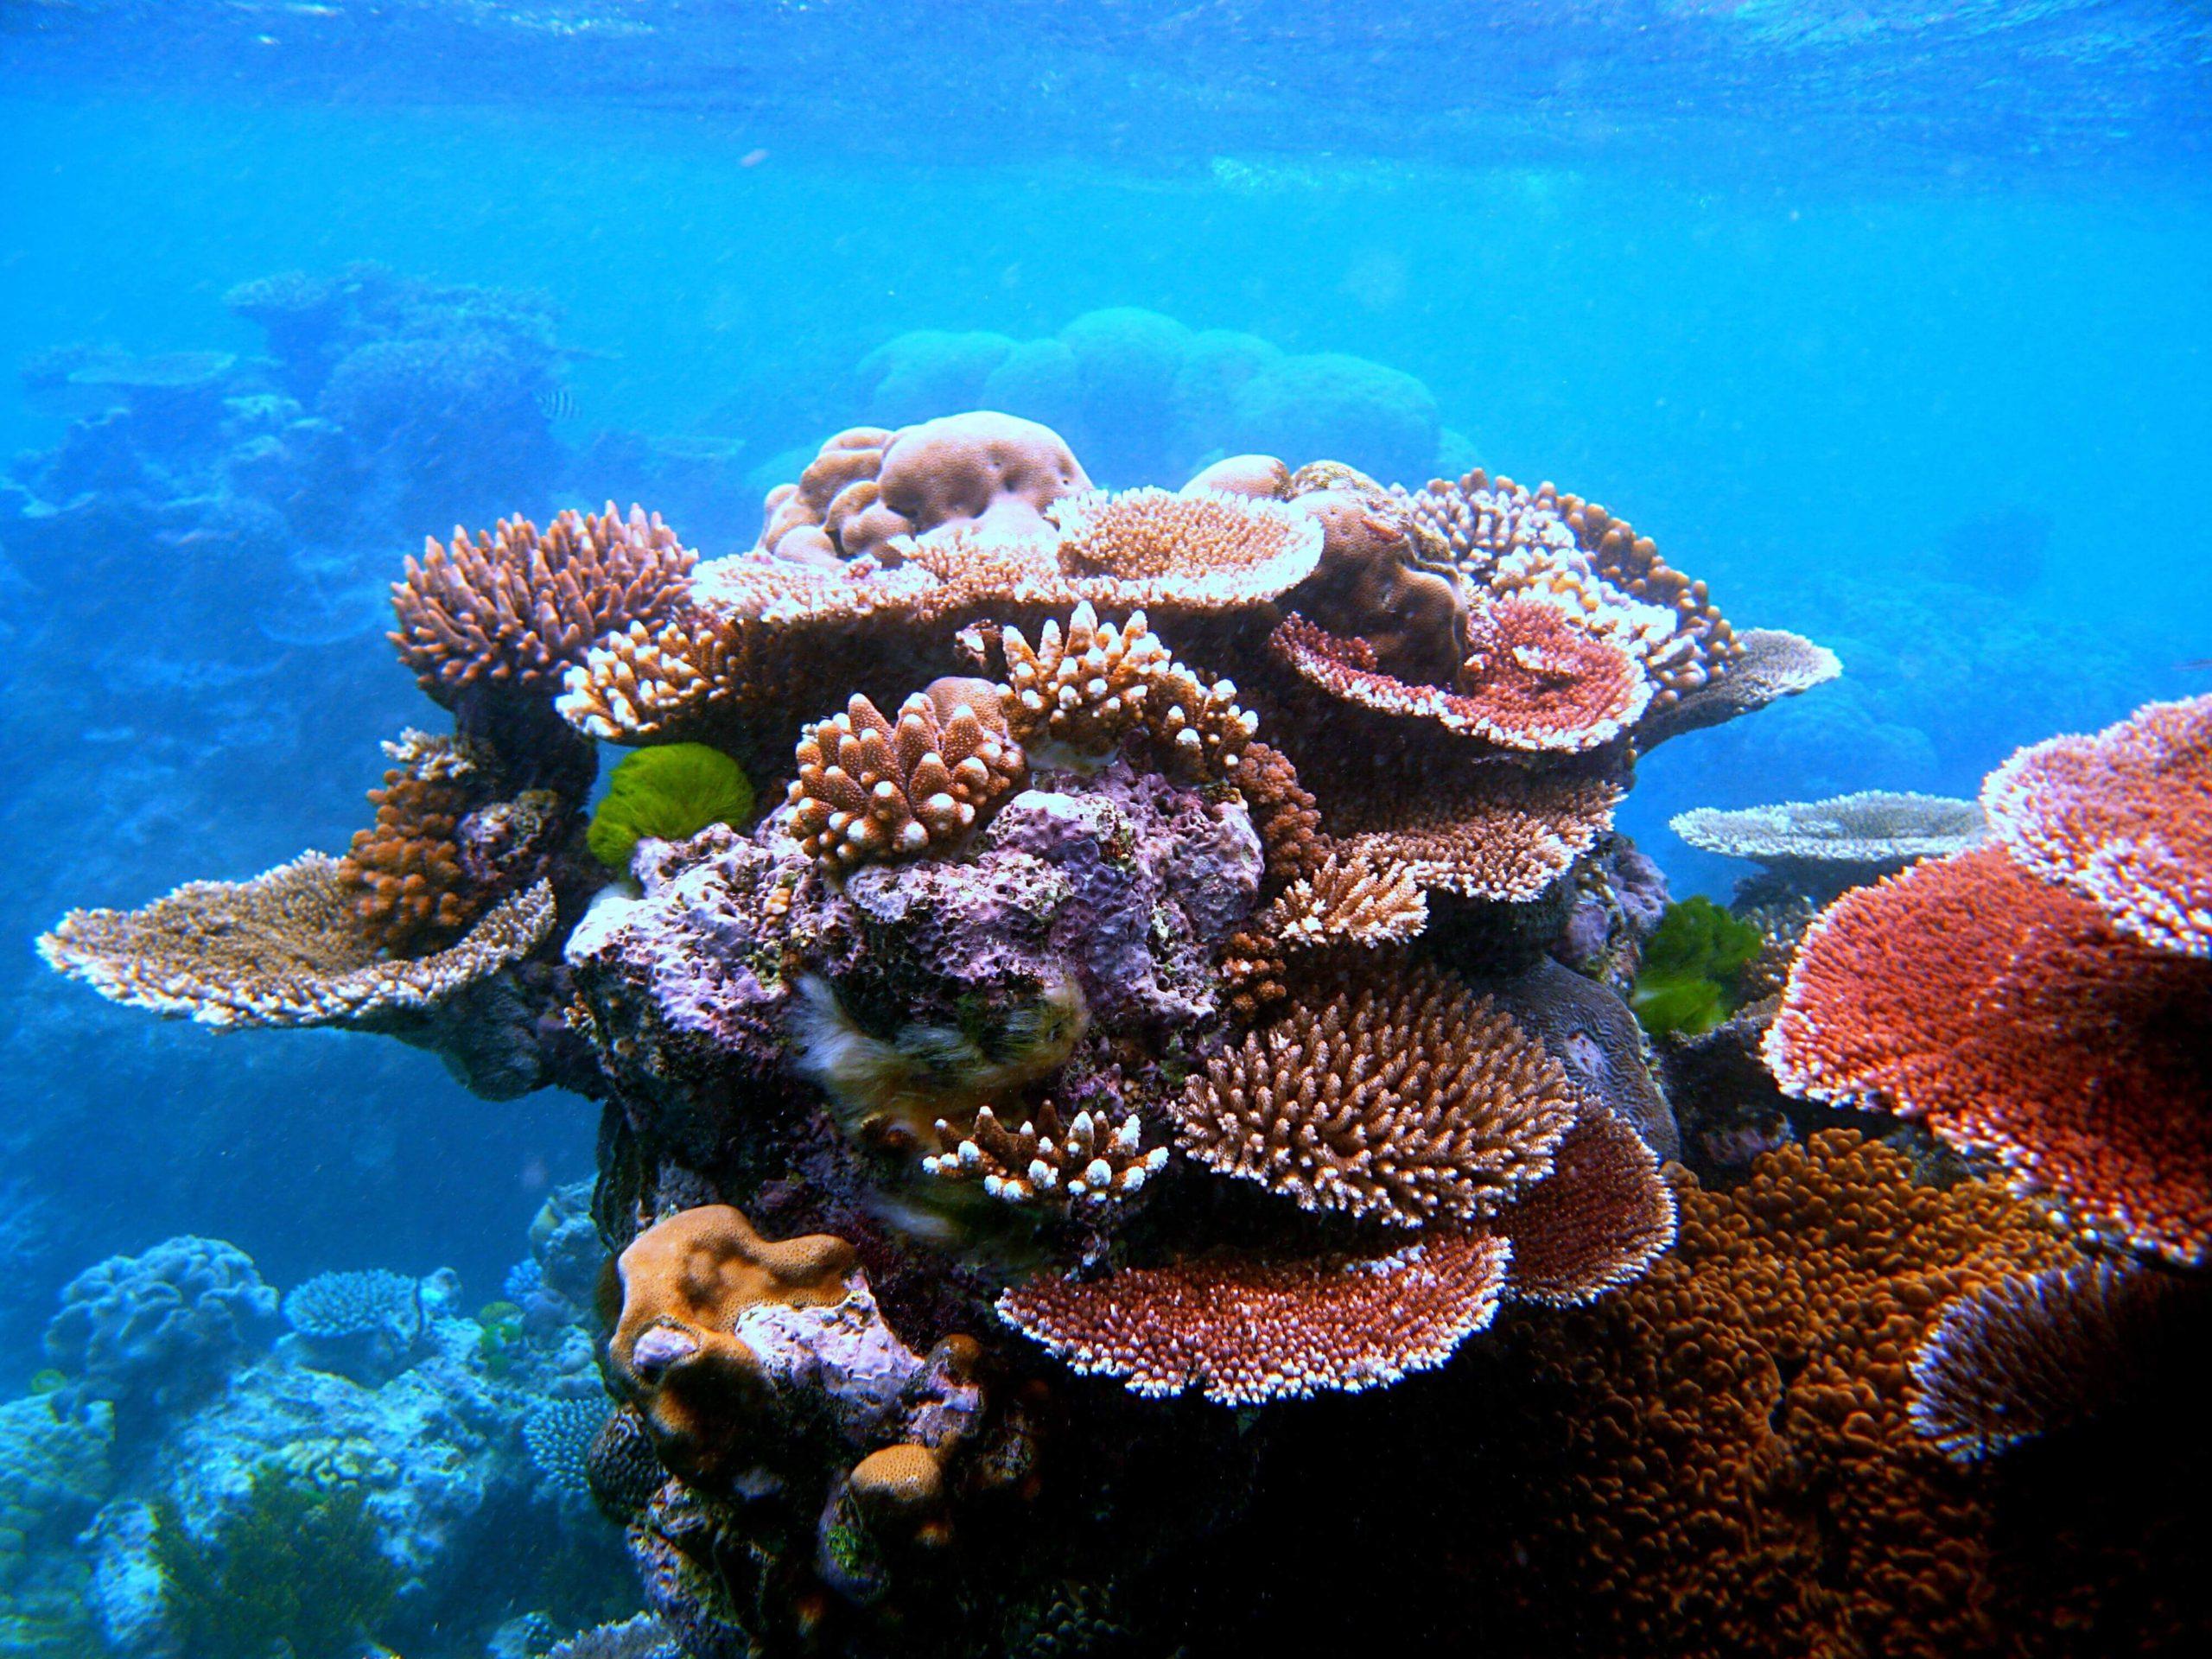 Orange coral reef in the ocean